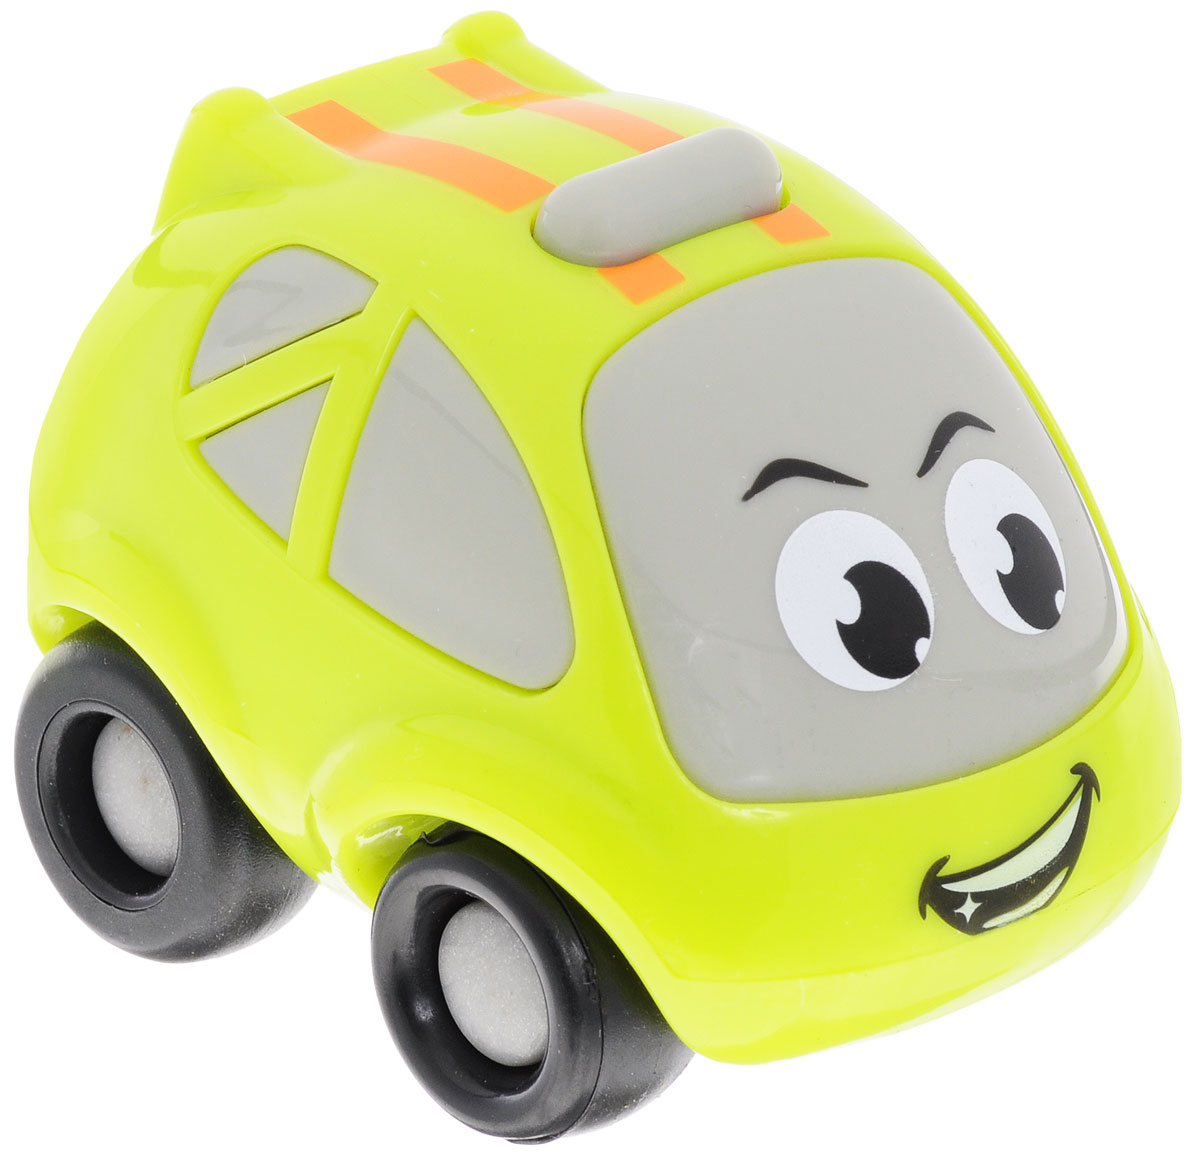 Smoby Машинка с моторчиком Vroom Planet smoby машинка vroom planet цвет фиолетовый